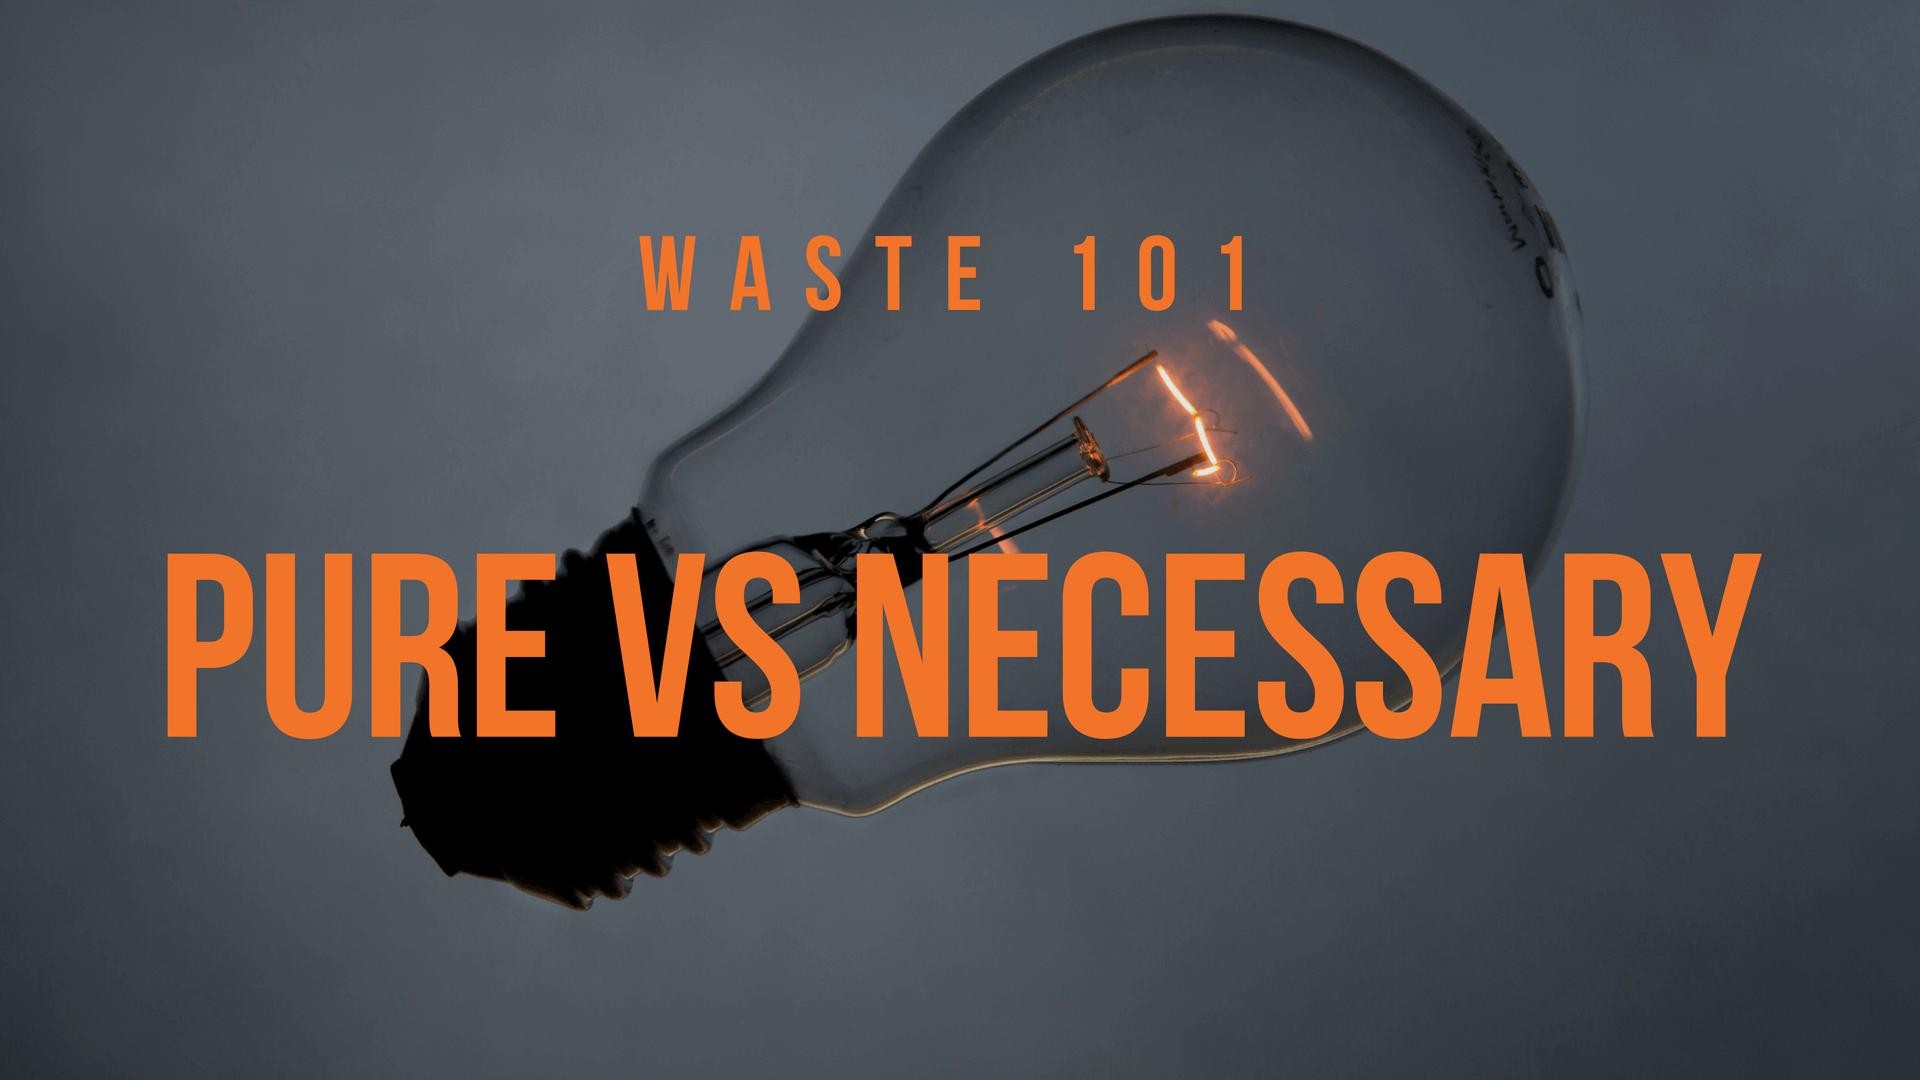 Waste 101 - Pure VS Necessary